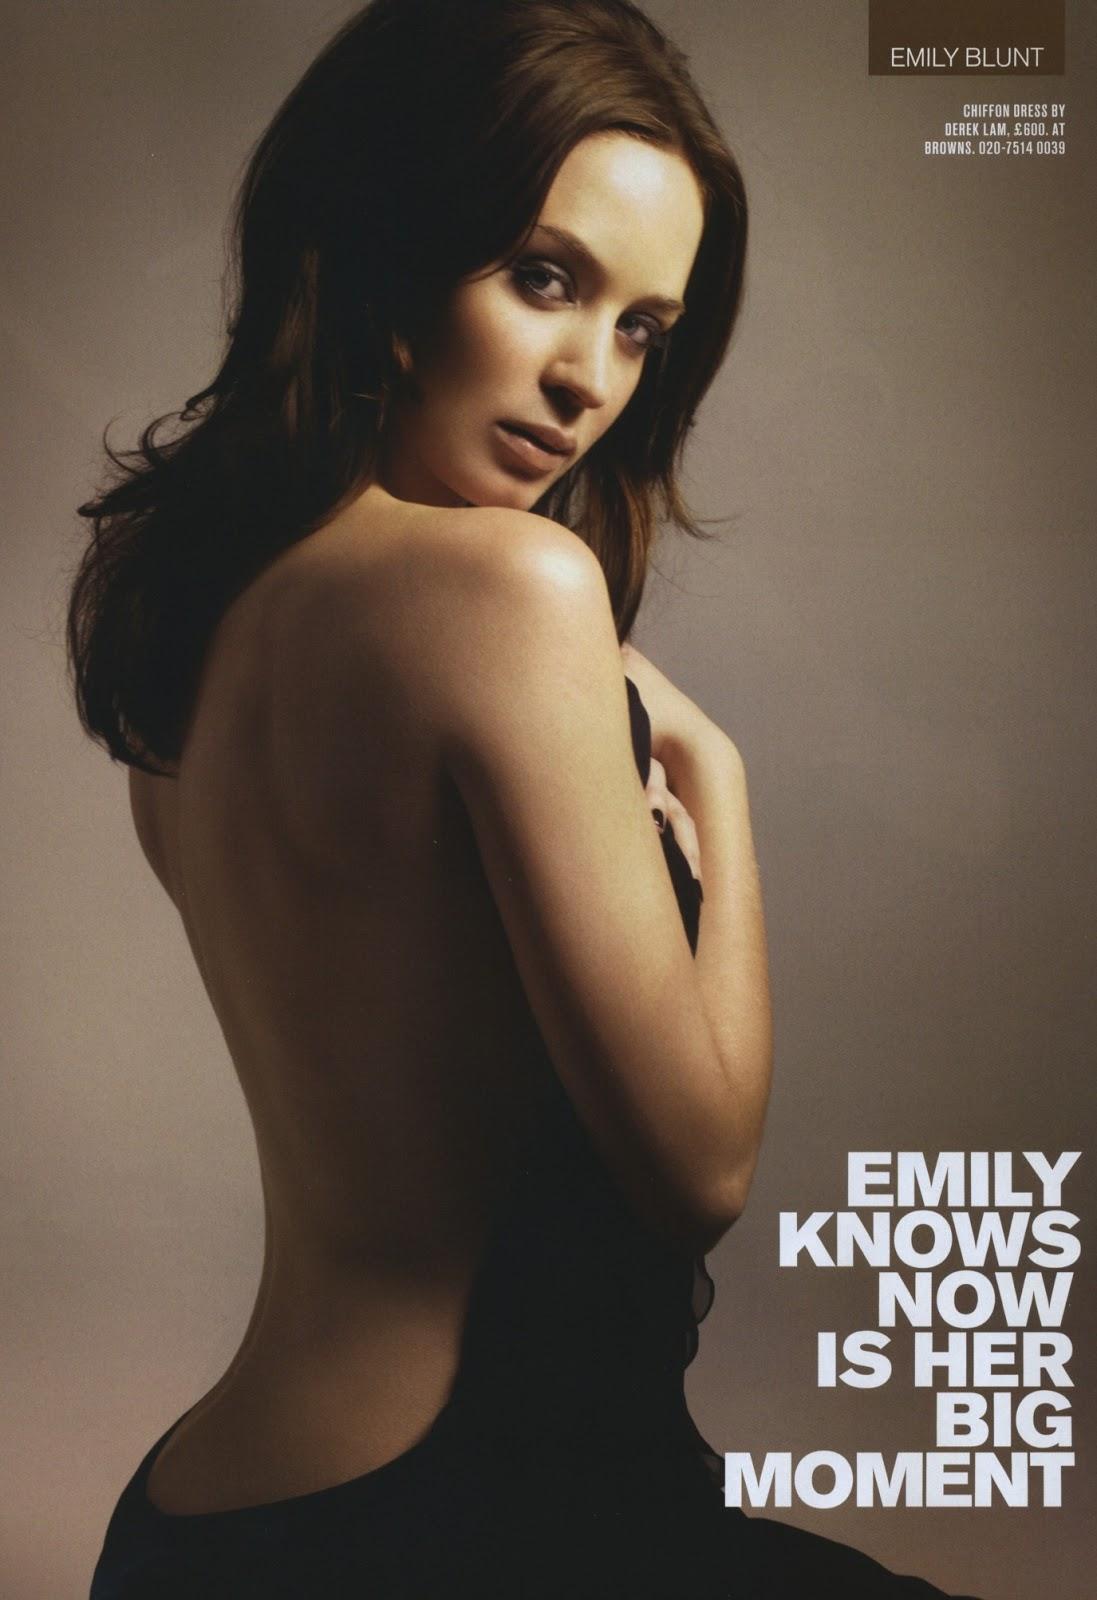 emily blunt naked back